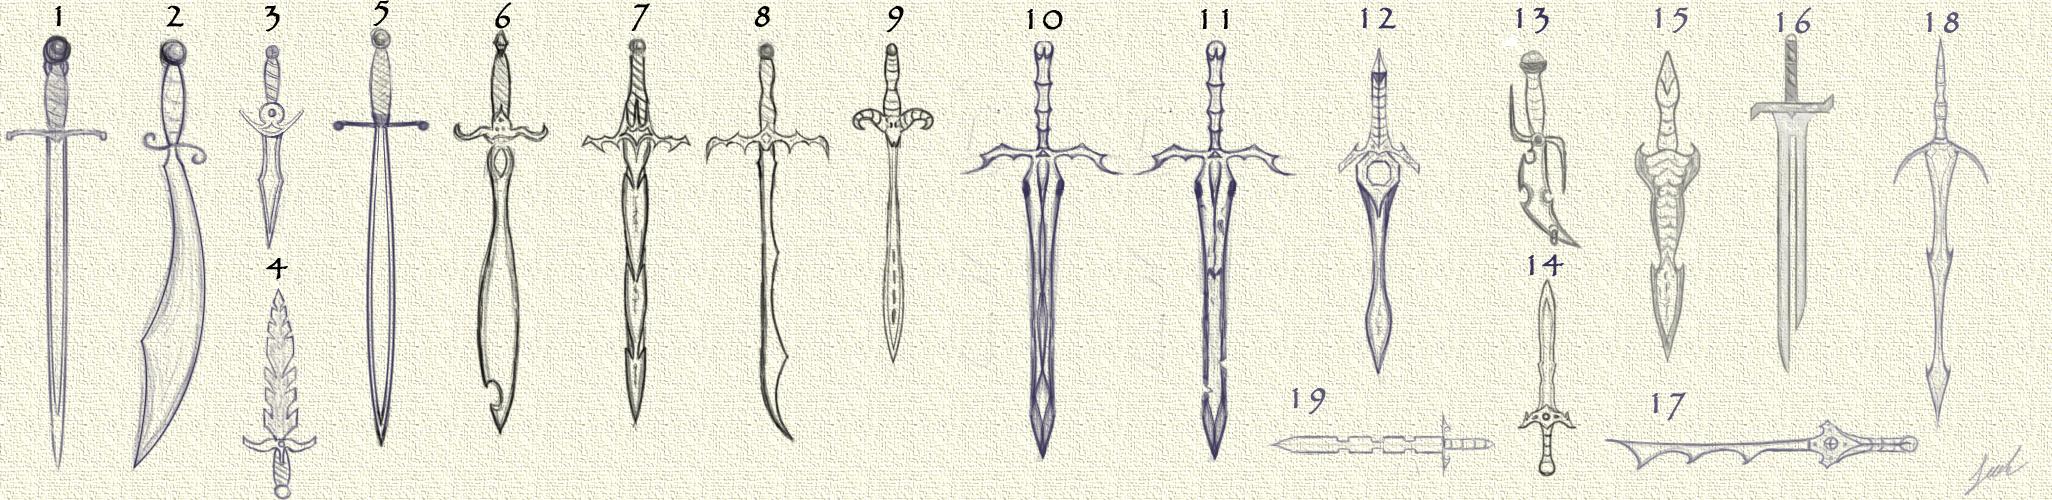 Medieval Swords by jbrownsts on DeviantArt